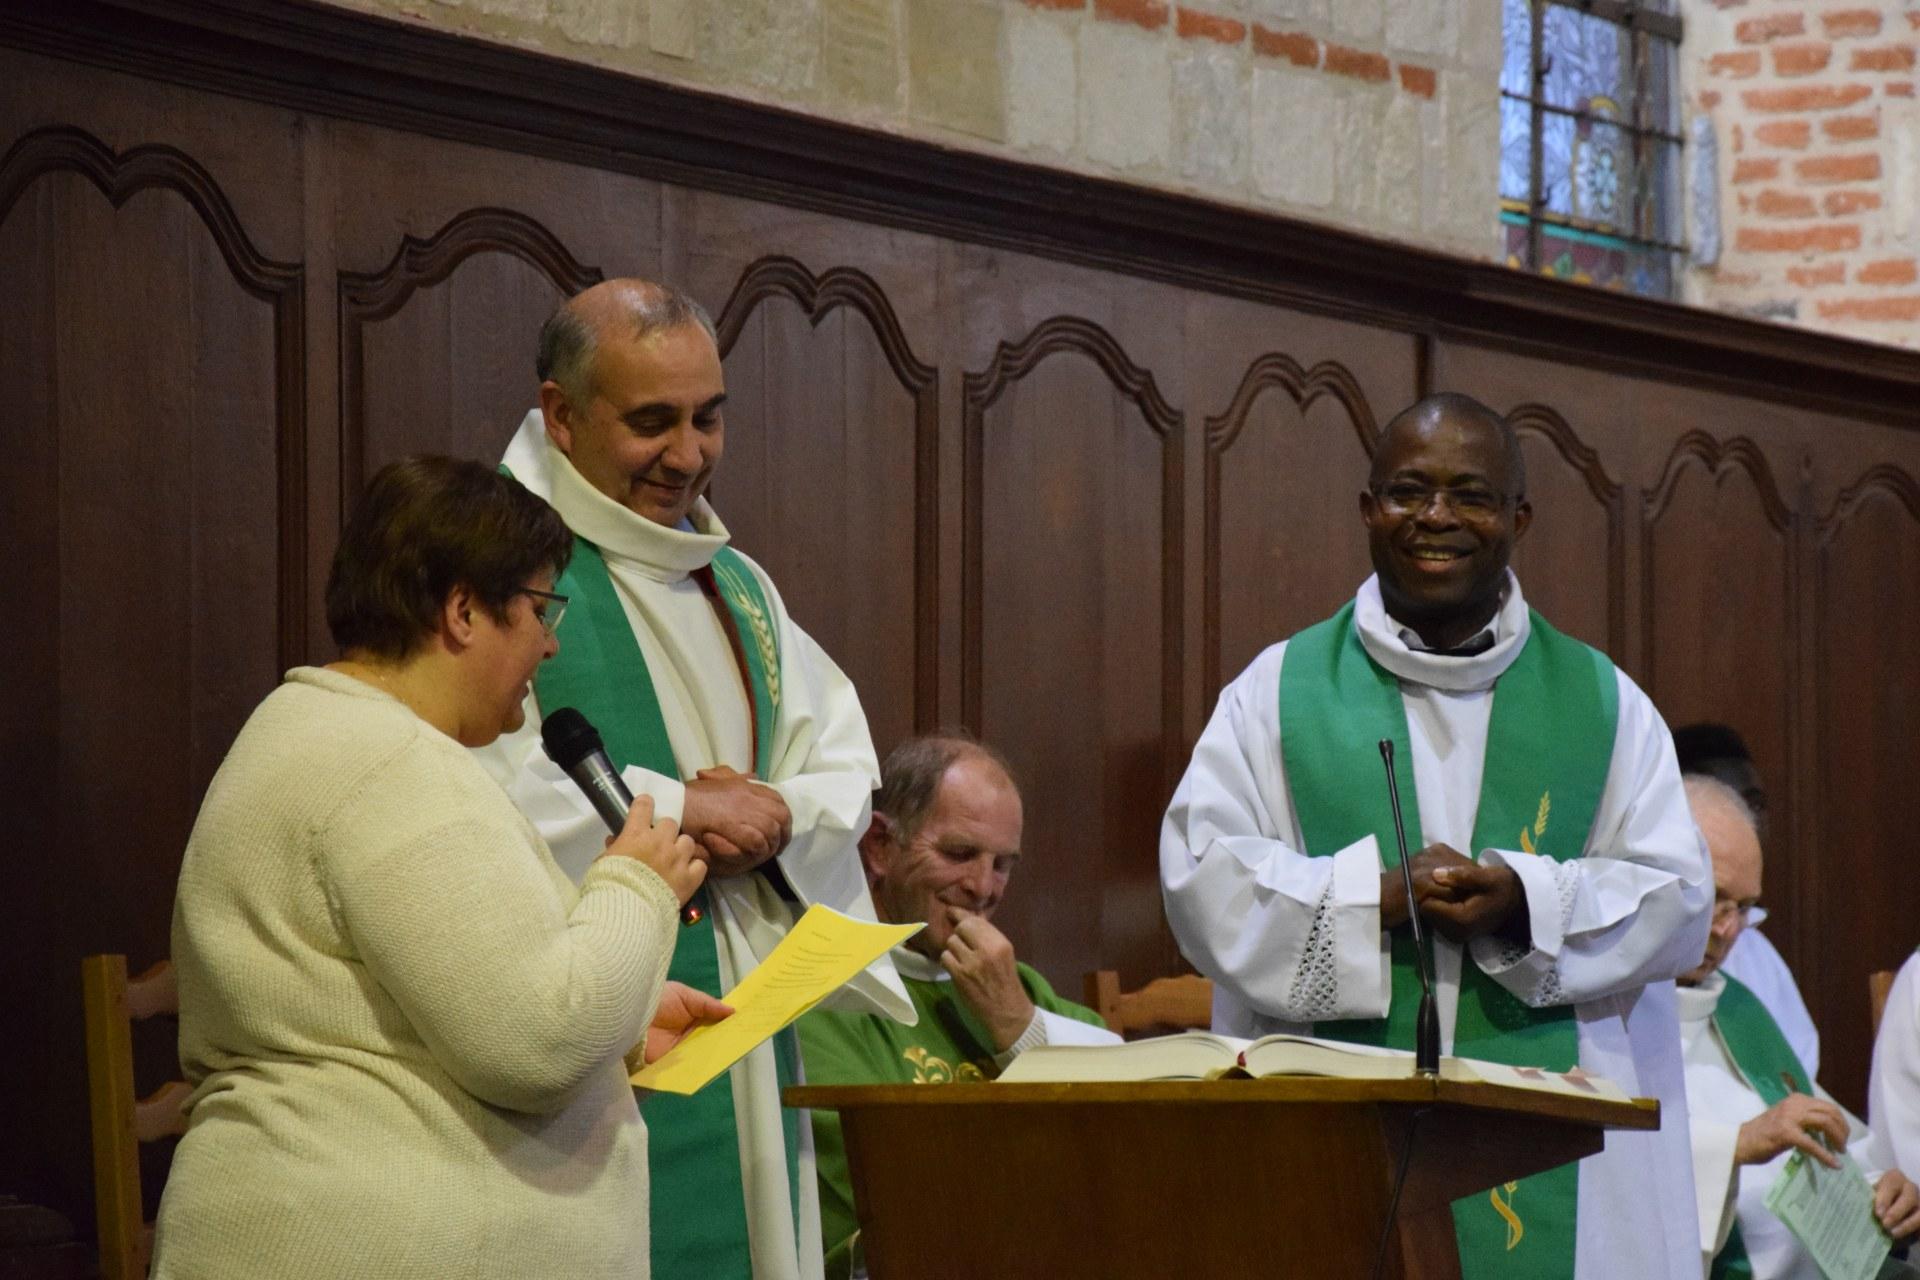 Nous accueillons l'abbé Armand-Flavien dans sa nouvelle mission de curé